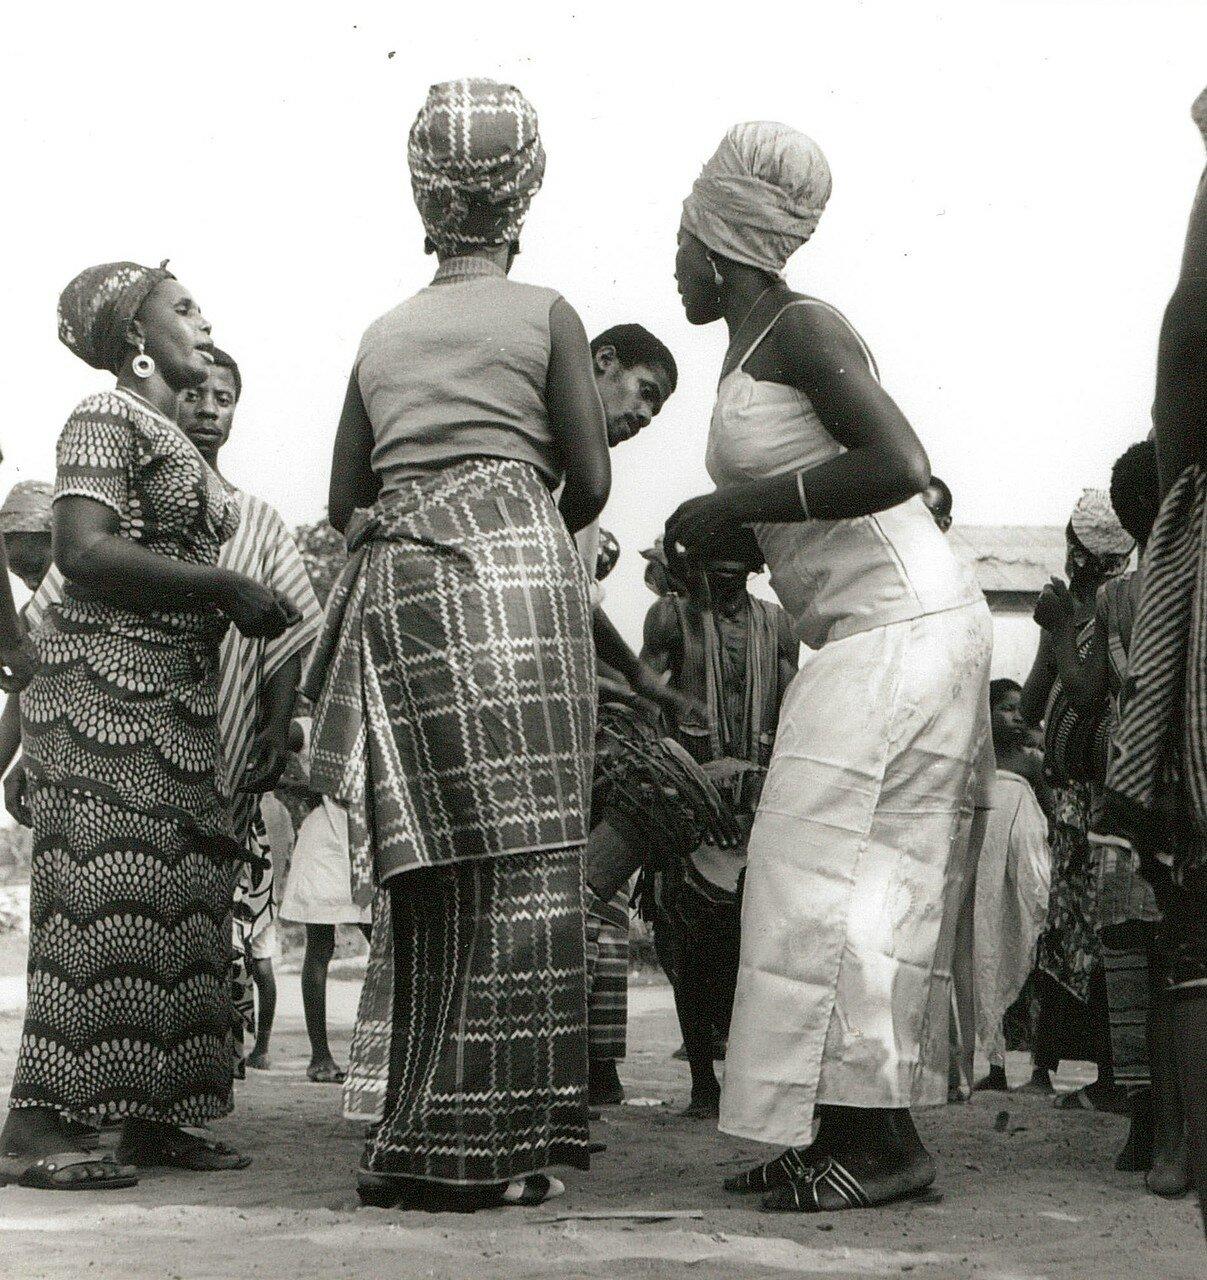 Сасандра. Женщины танцуют перед под барабаны на городской улице